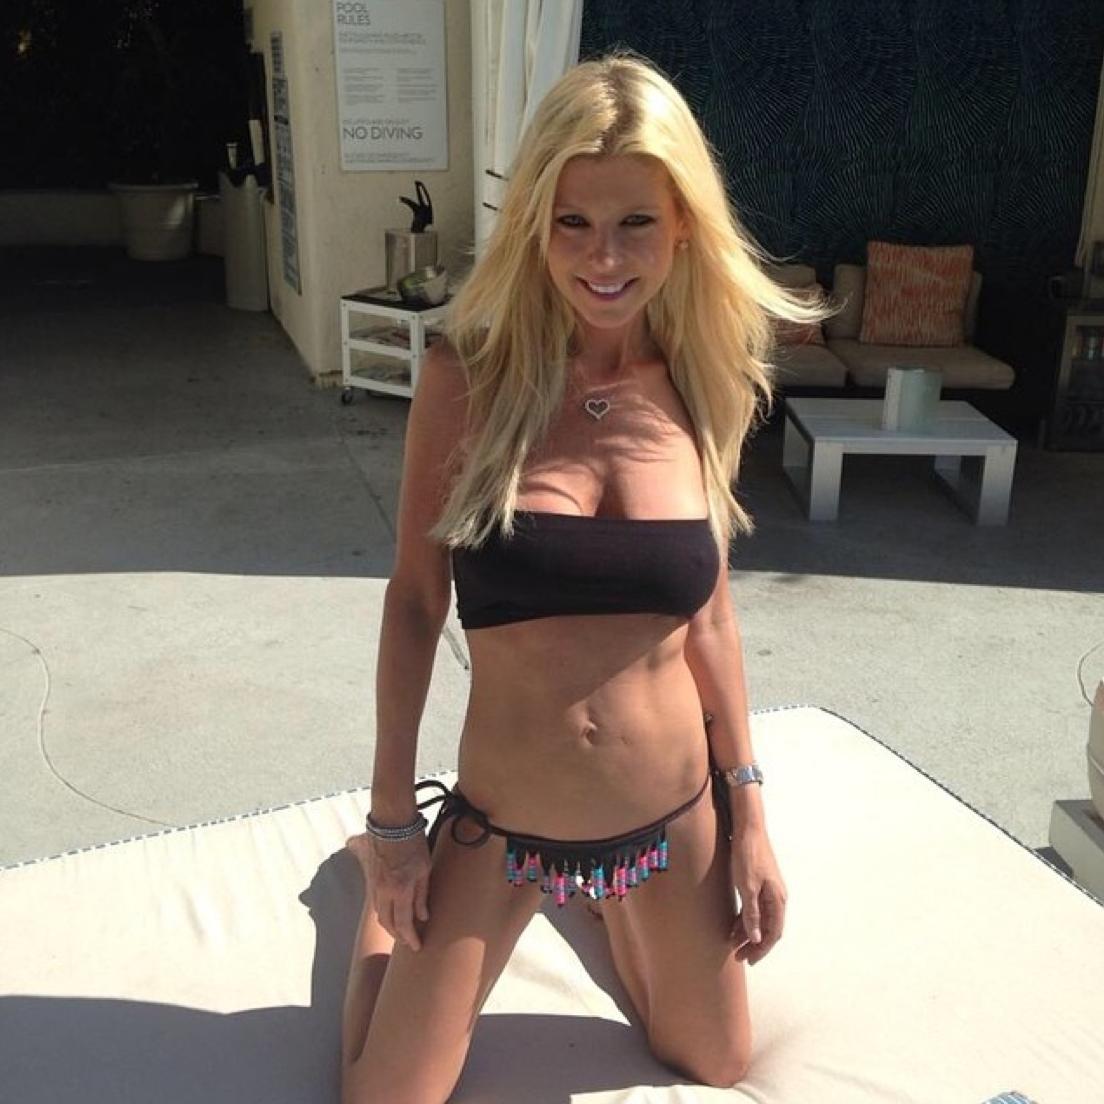 Ass Maidie Norman naked (82 fotos) Sideboobs, iCloud, panties